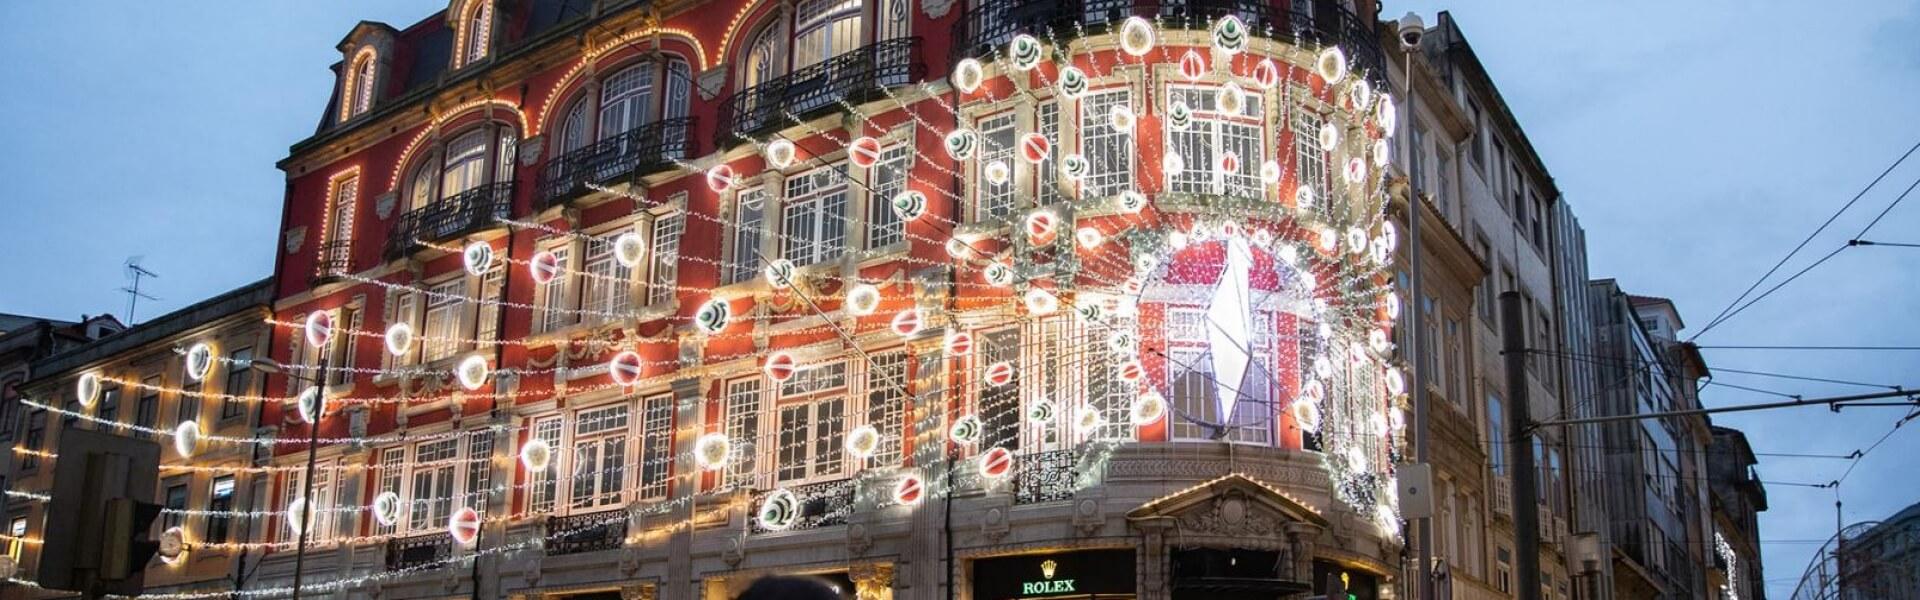 A Marcolino inaugura a sua nova iluminação de Natal, na fachada da sua Flagshipstore. A mesma tem influência na opulência e cores do pavão, e mistura peças de joalharia nas suas penas. Para além das luzes, as mesmas brilham ao som de 3 músicas, em vários espectáculos musicais ao fim do dia. Nomeadamente às 17, 18, 19, 20, 21 e 22h.  Venha assistir.